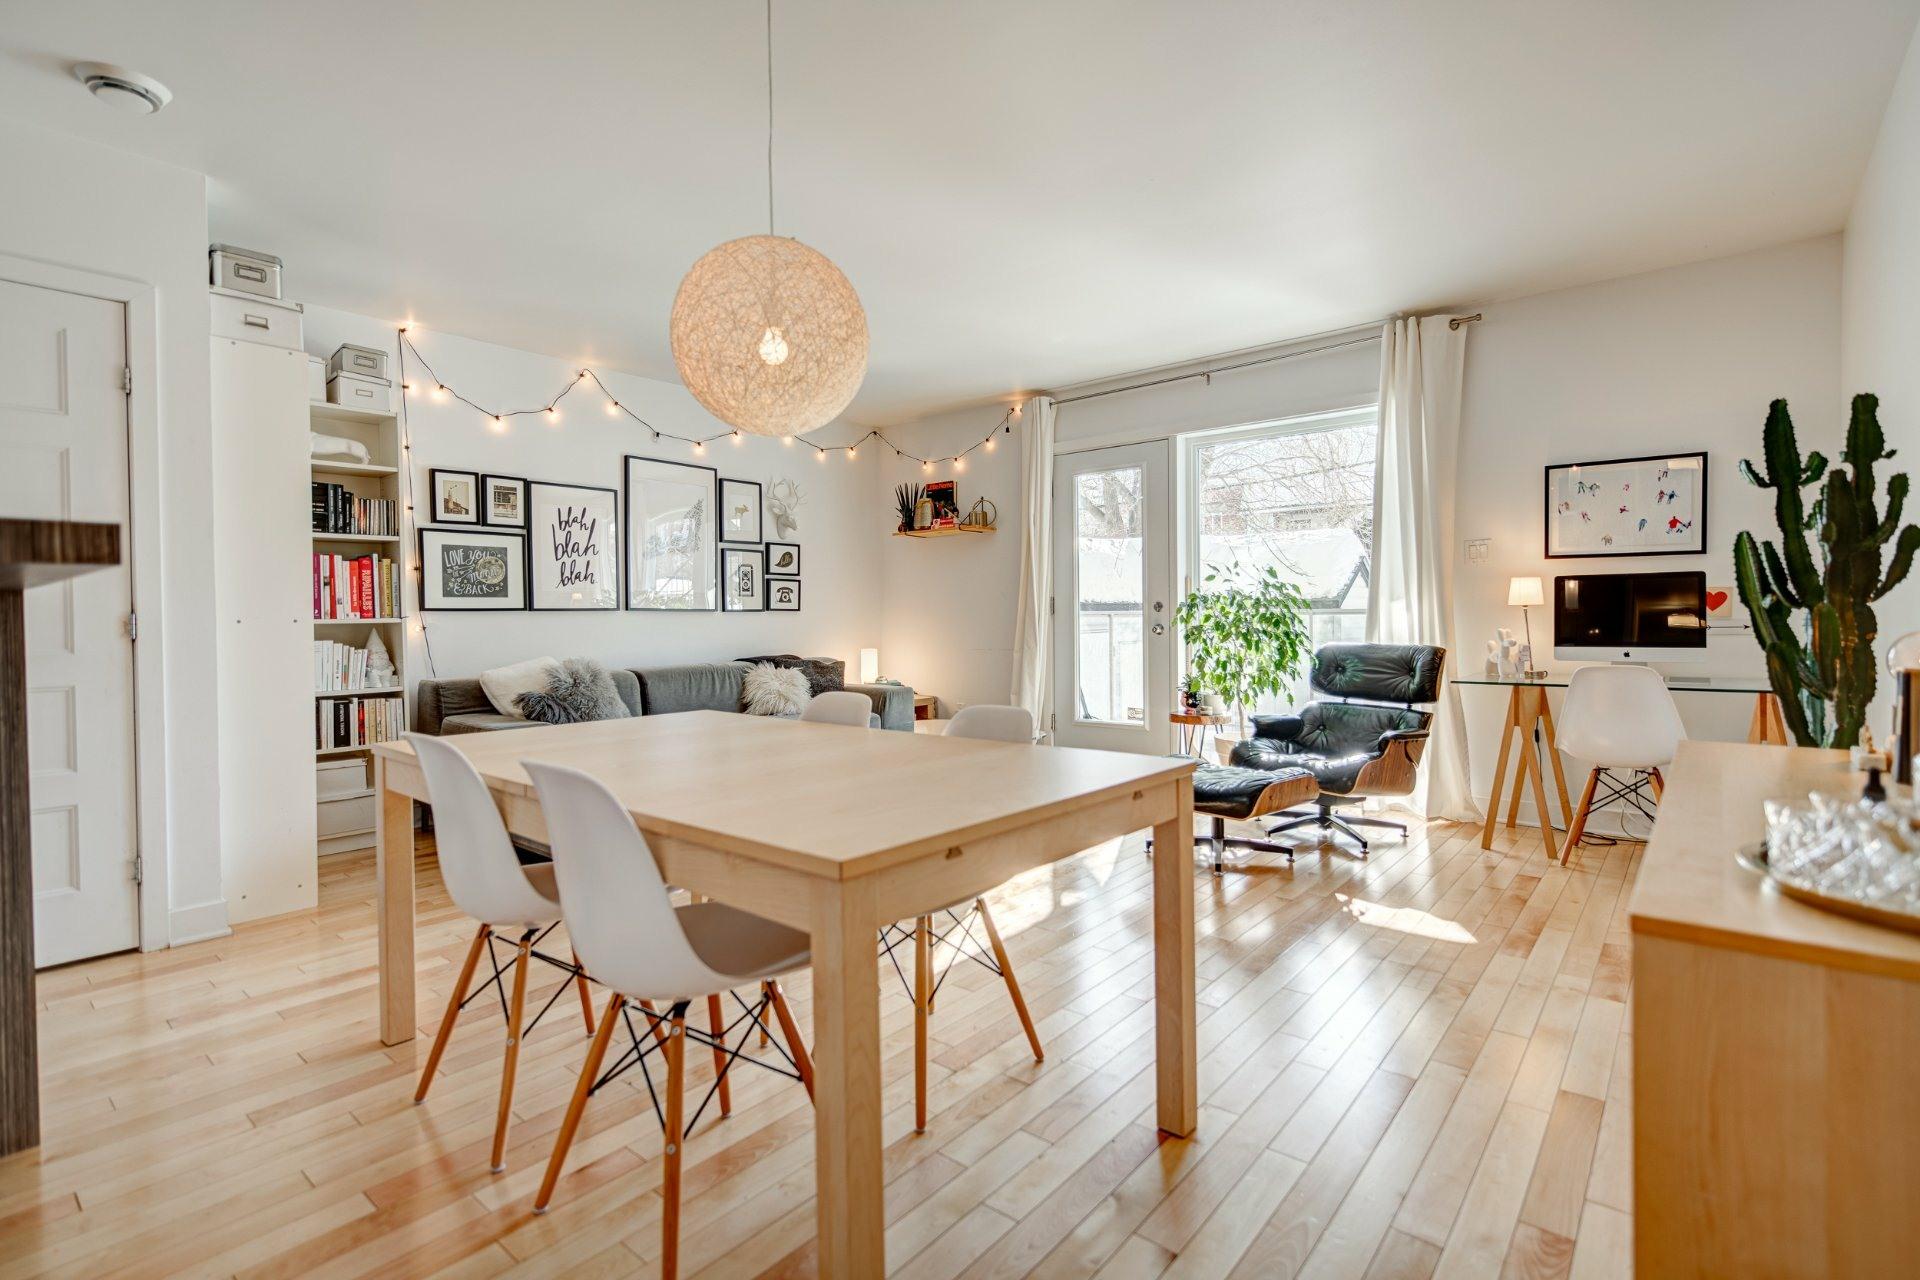 image 6 - Appartement À vendre Rosemont/La Petite-Patrie Montréal  - 6 pièces